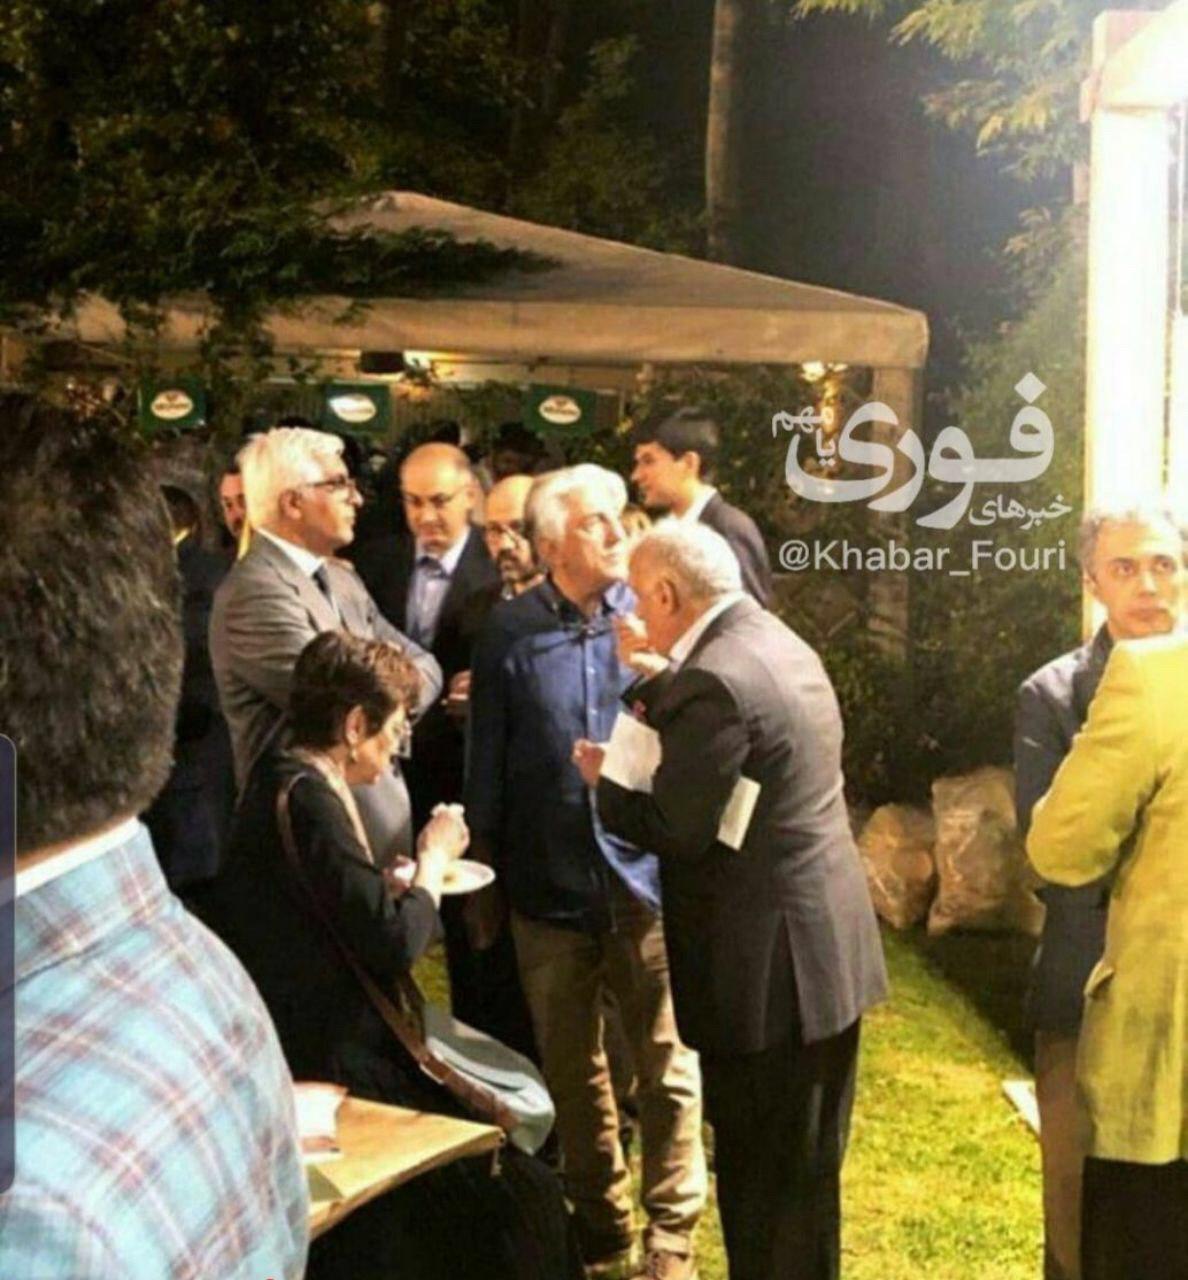 حضور جنجالی رضا کیانیان در مهمانی سفارت ایتالیا+عکس